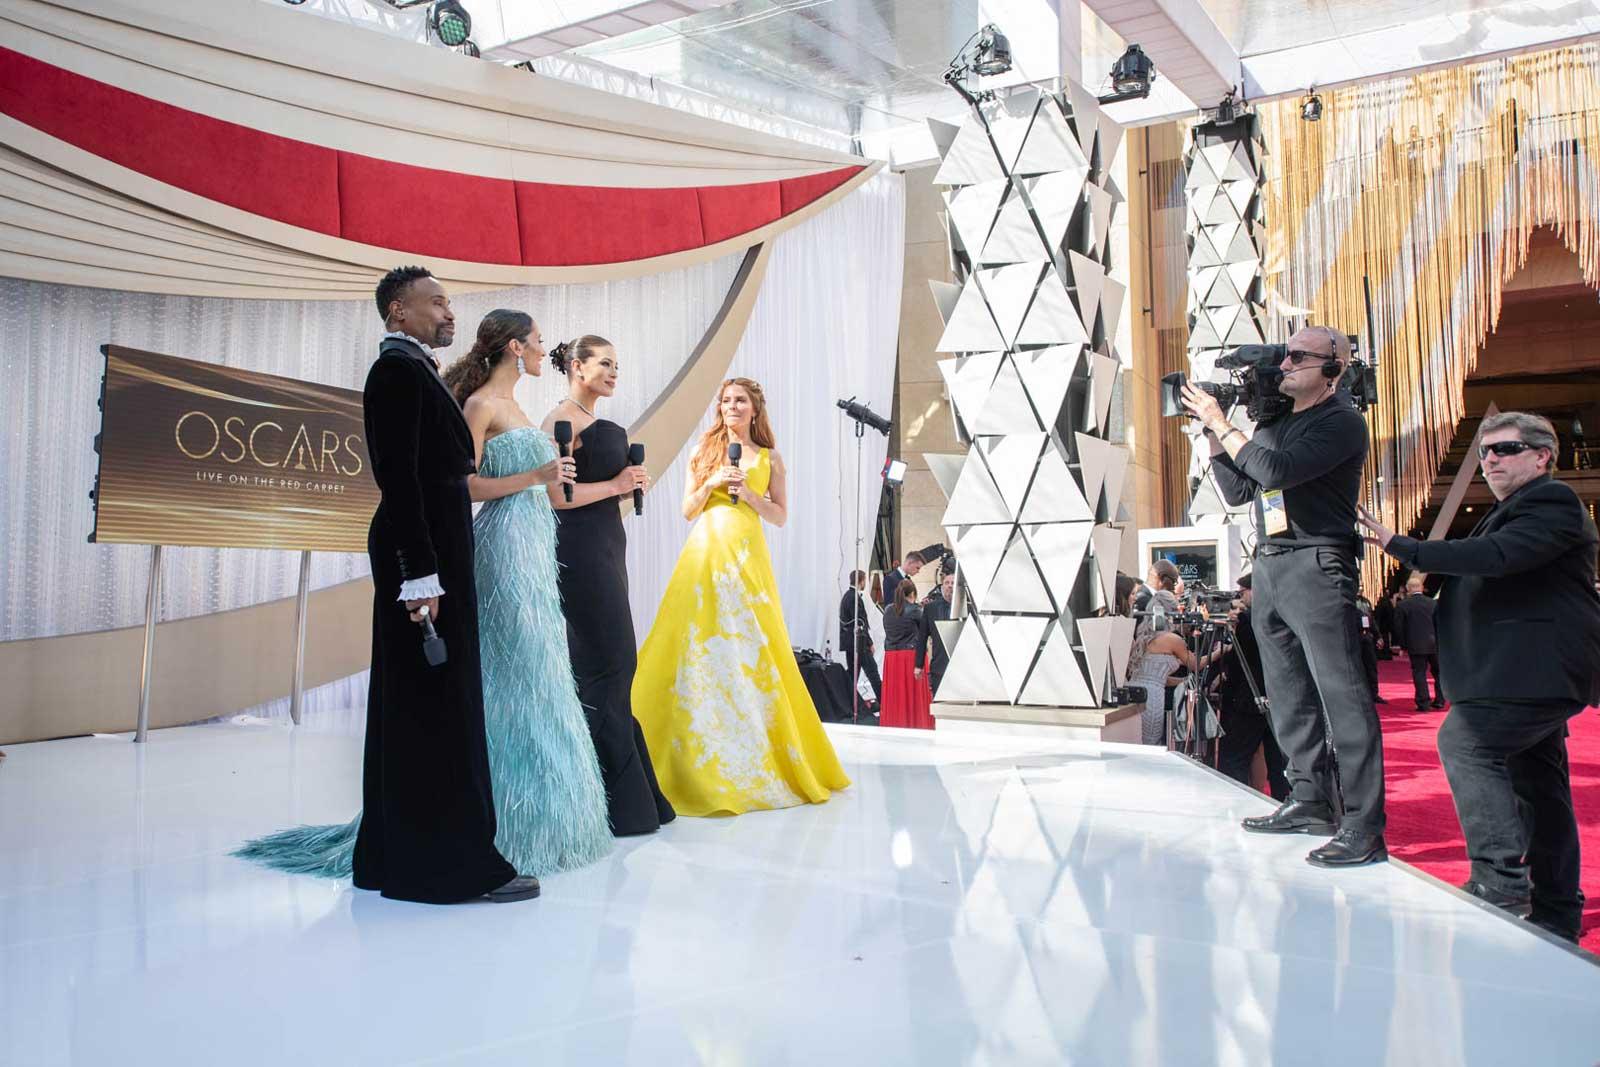 Oscars: Pre Show